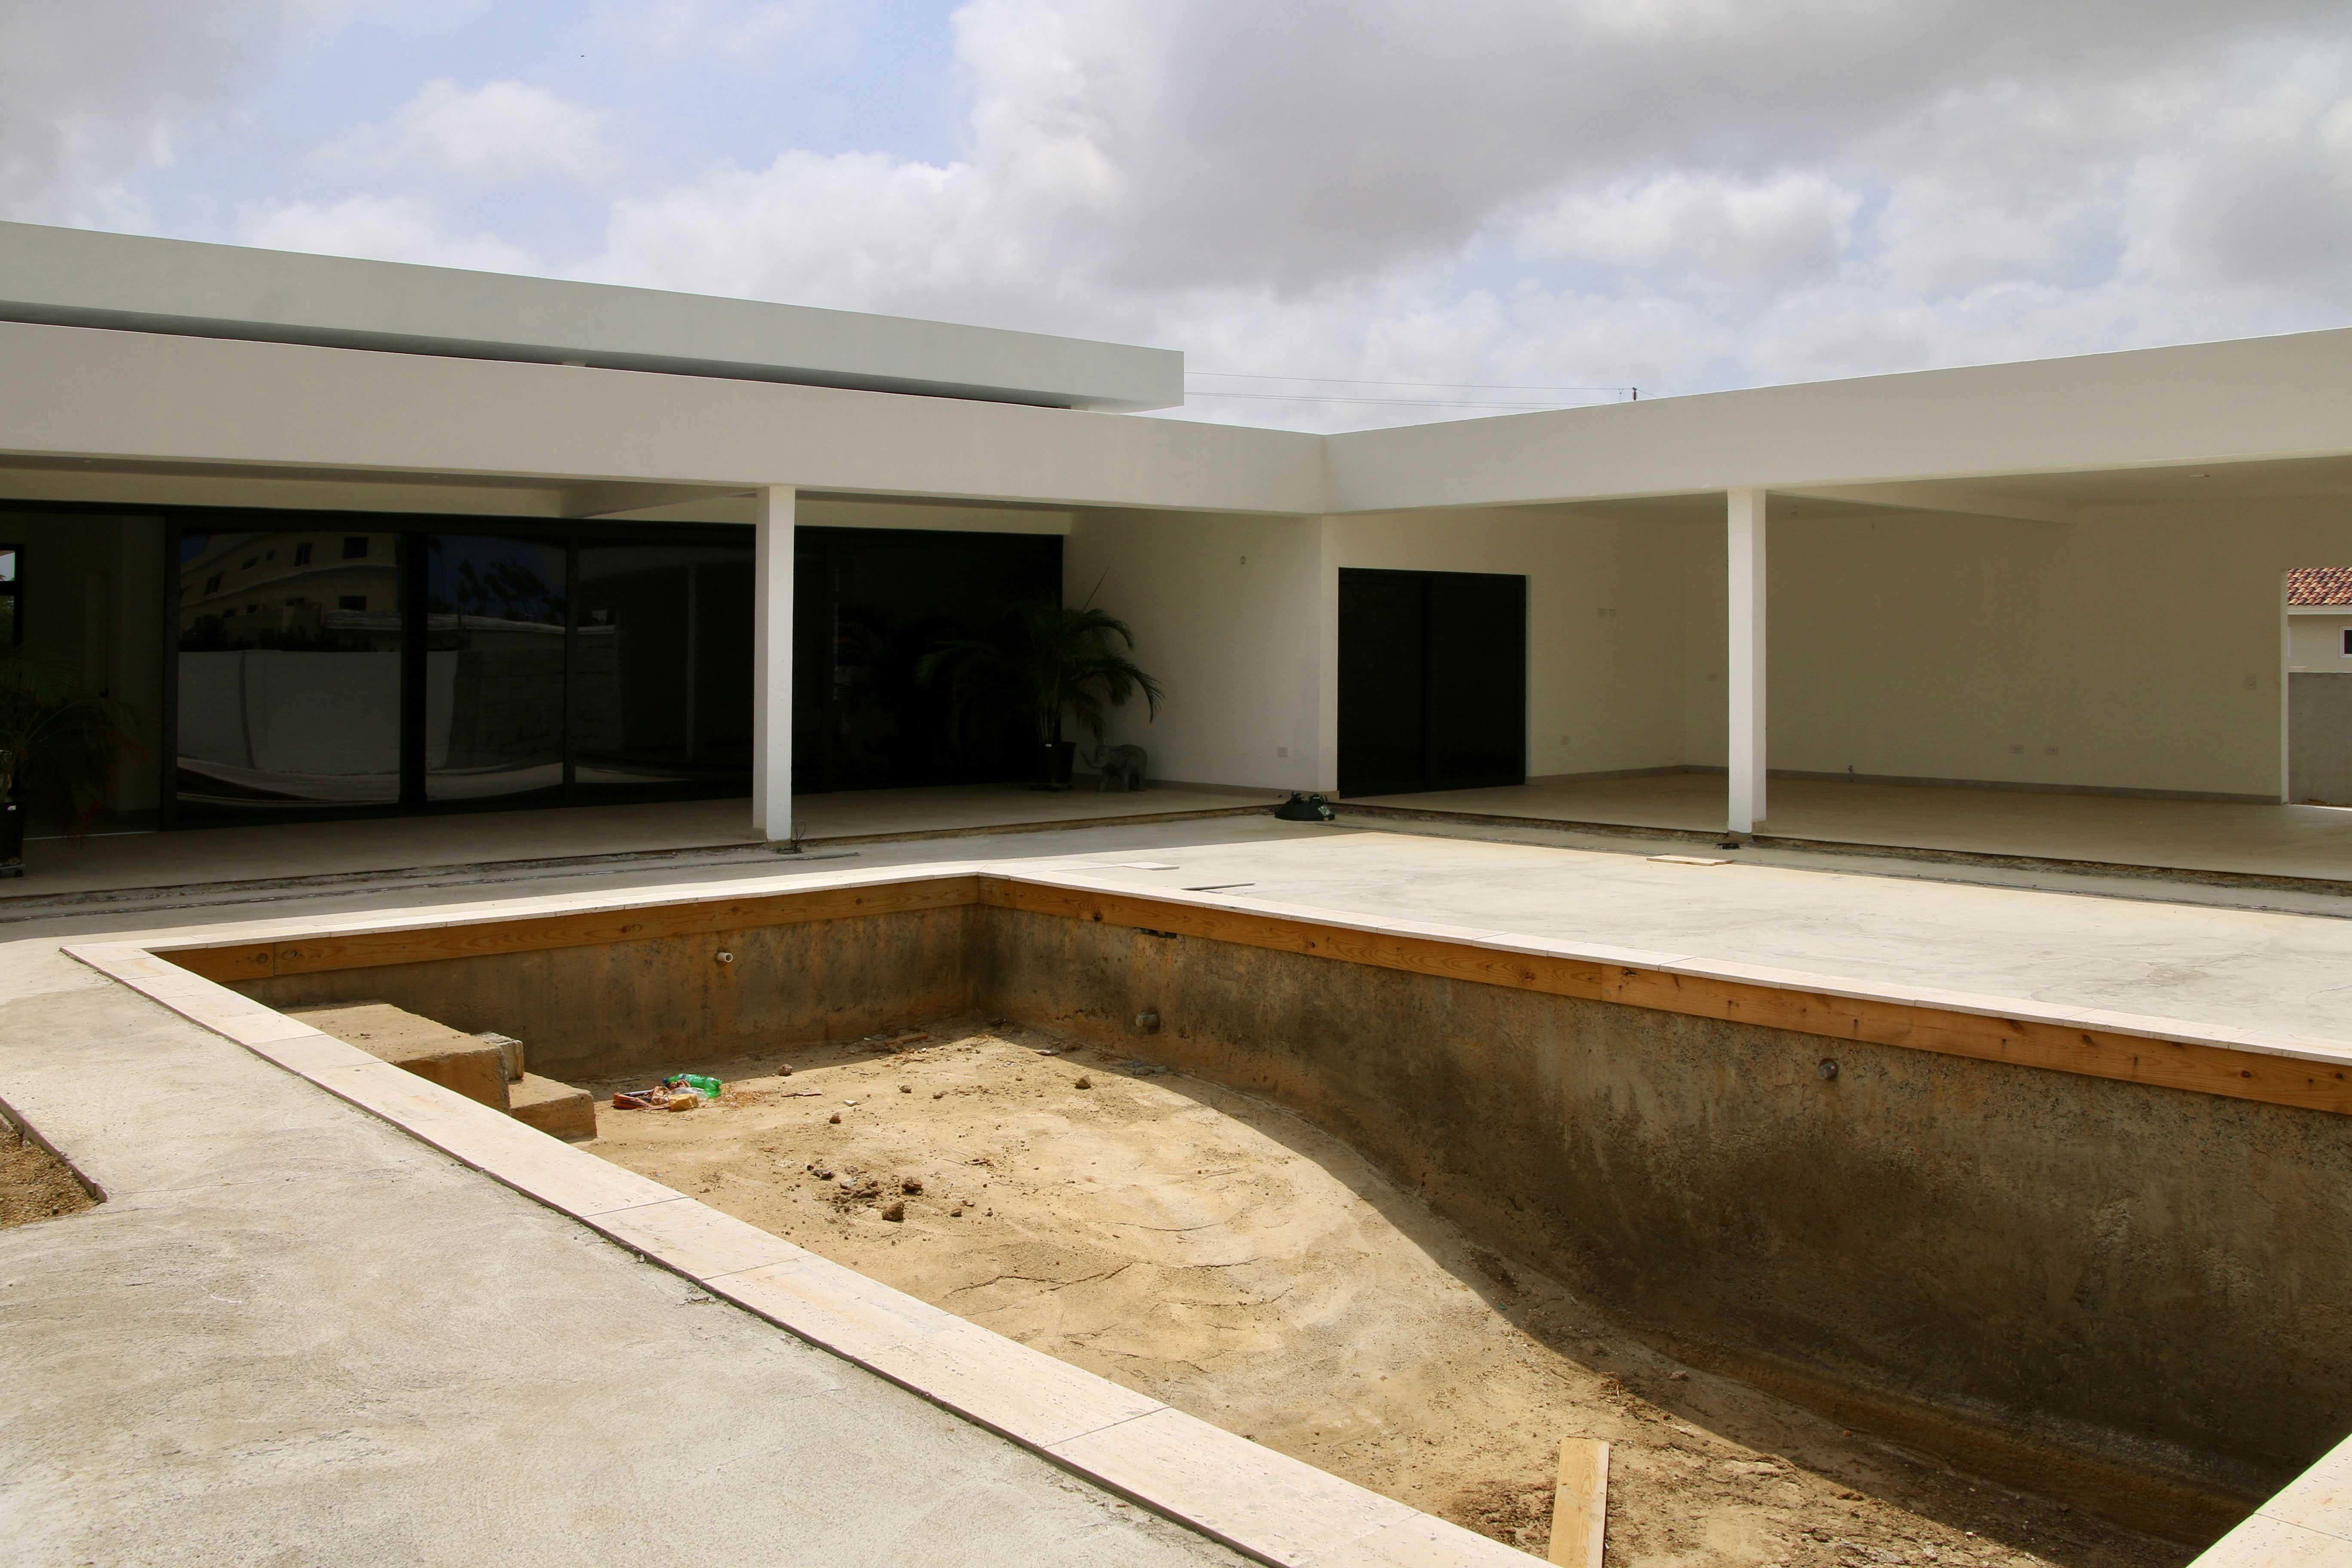 Architectenbureau Amsterdam Maxim Winkelaar maakt ontwerp voor een moderne nieuwbouwvilla op Aruba, Bonaire en Curaçao.